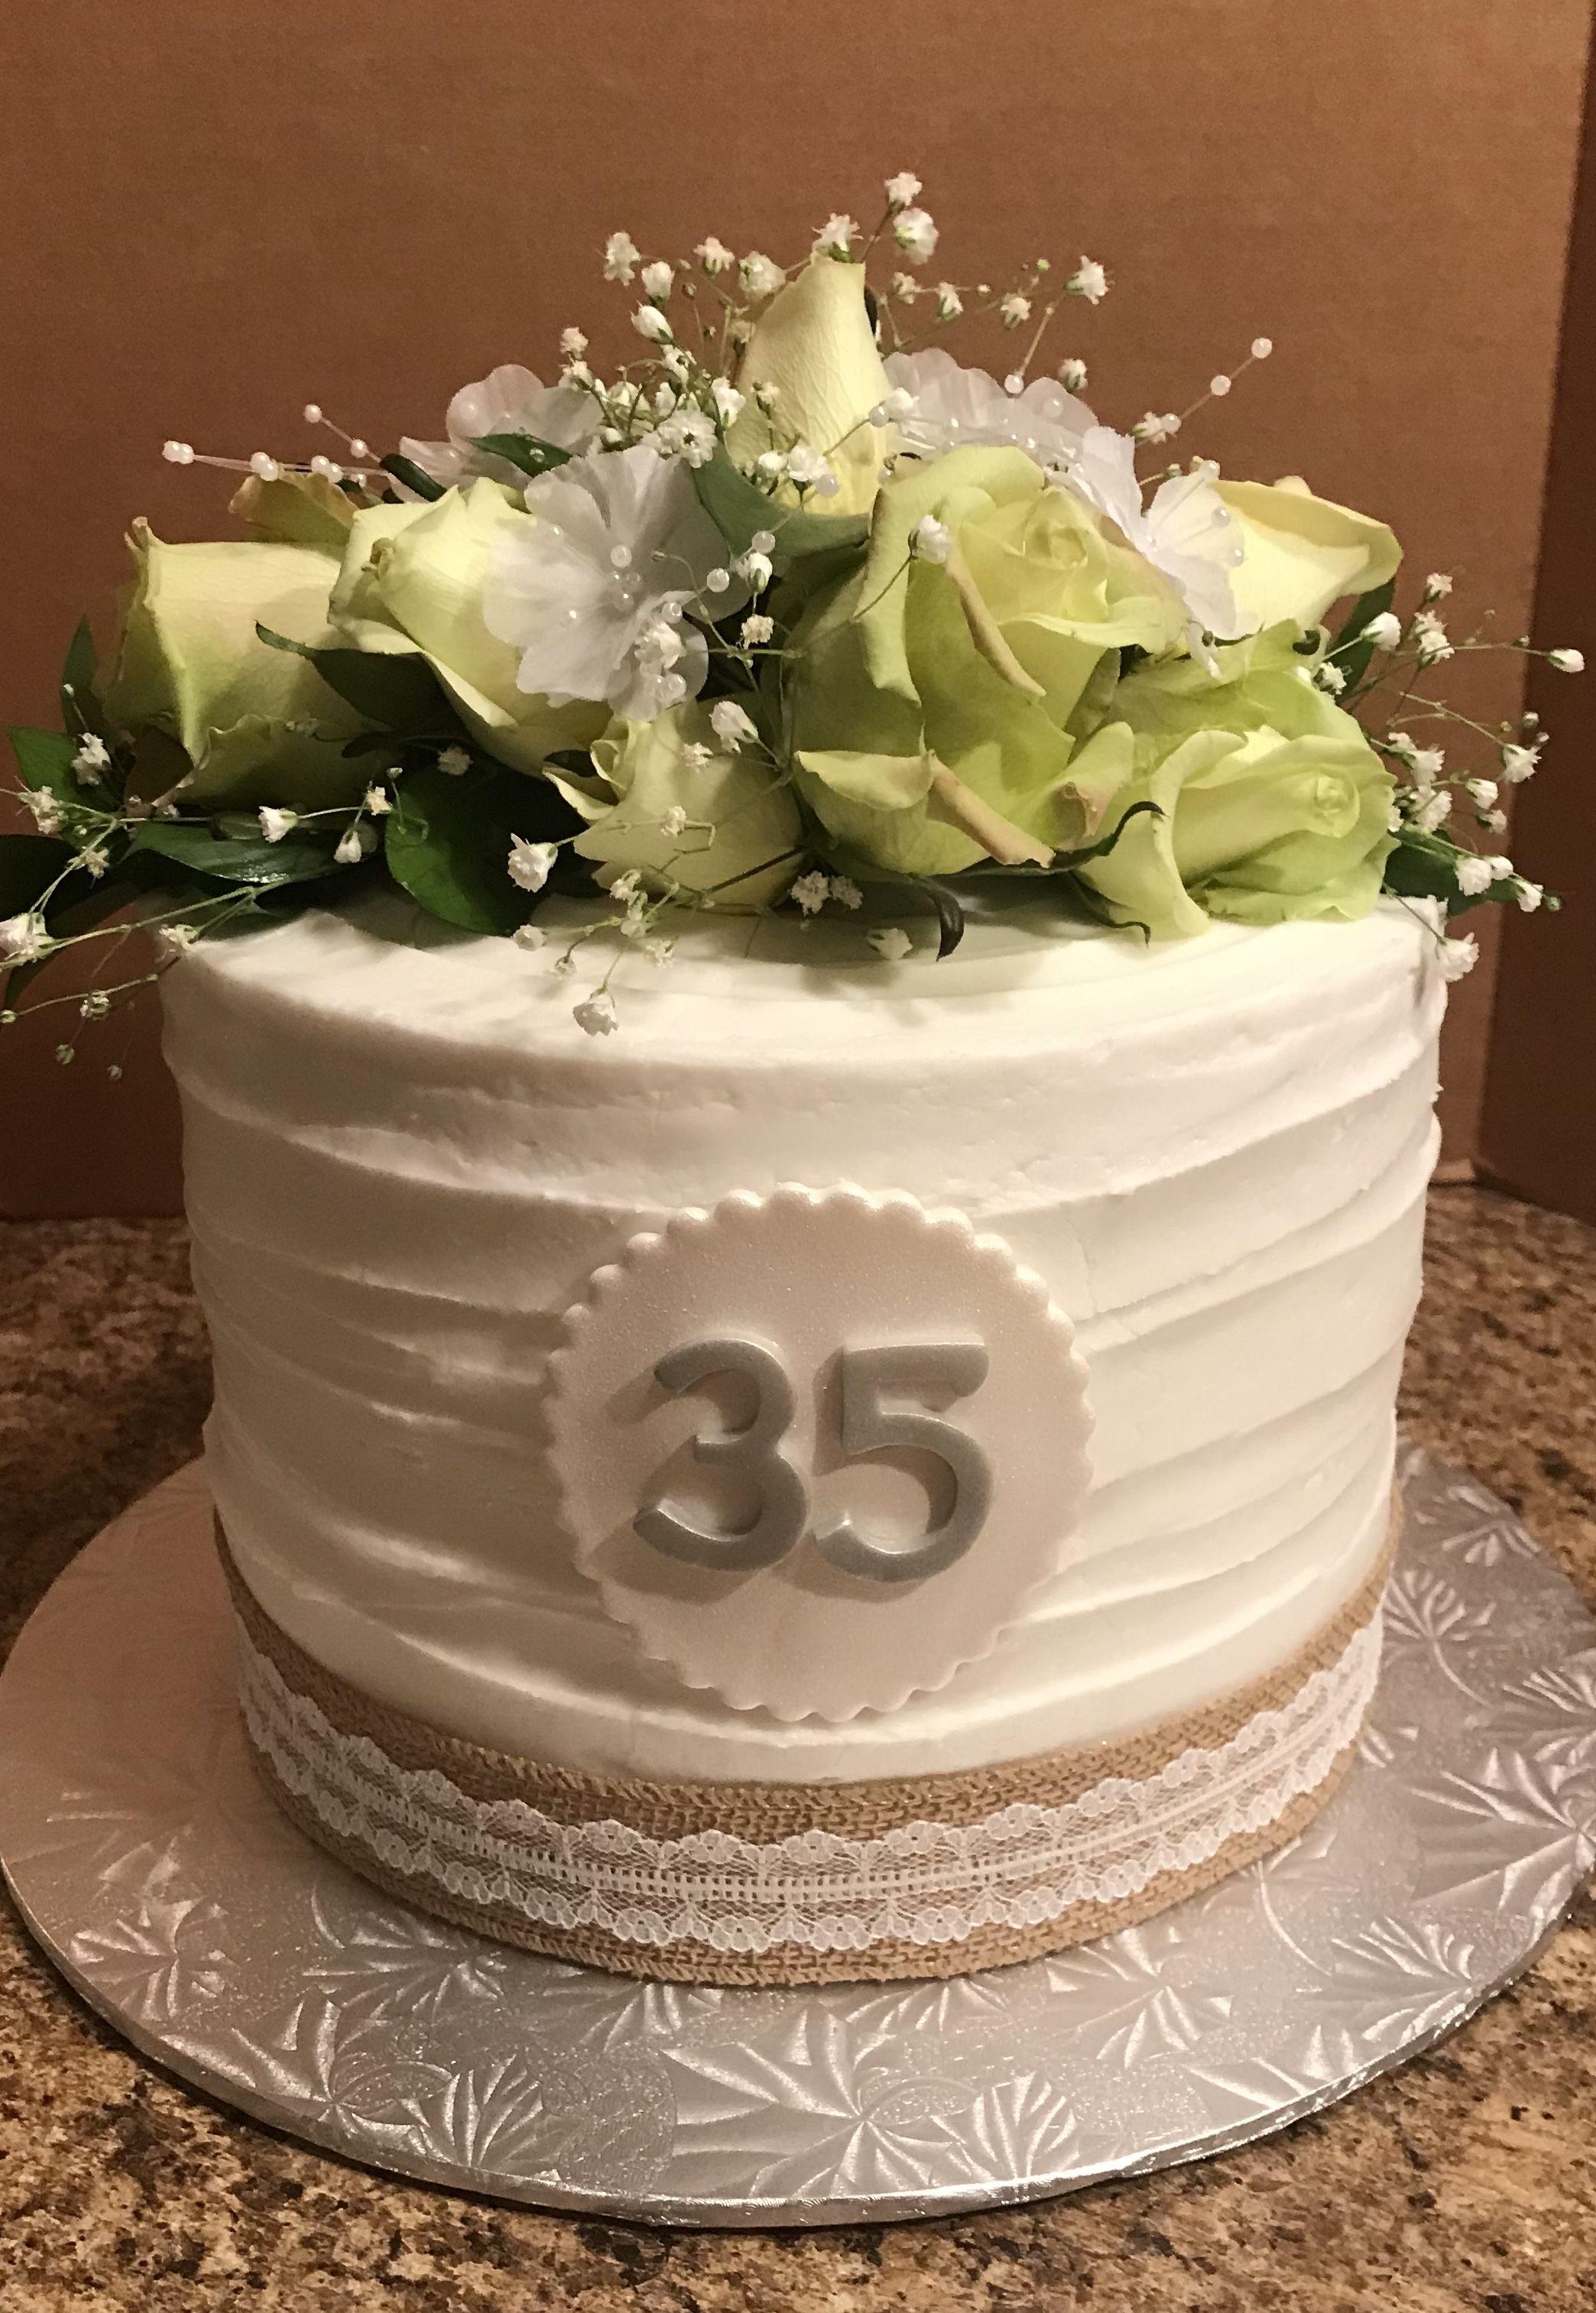 35th Anniversary Cake Anniversary Dessert 35th Birthday Cakes Anniversary Cake